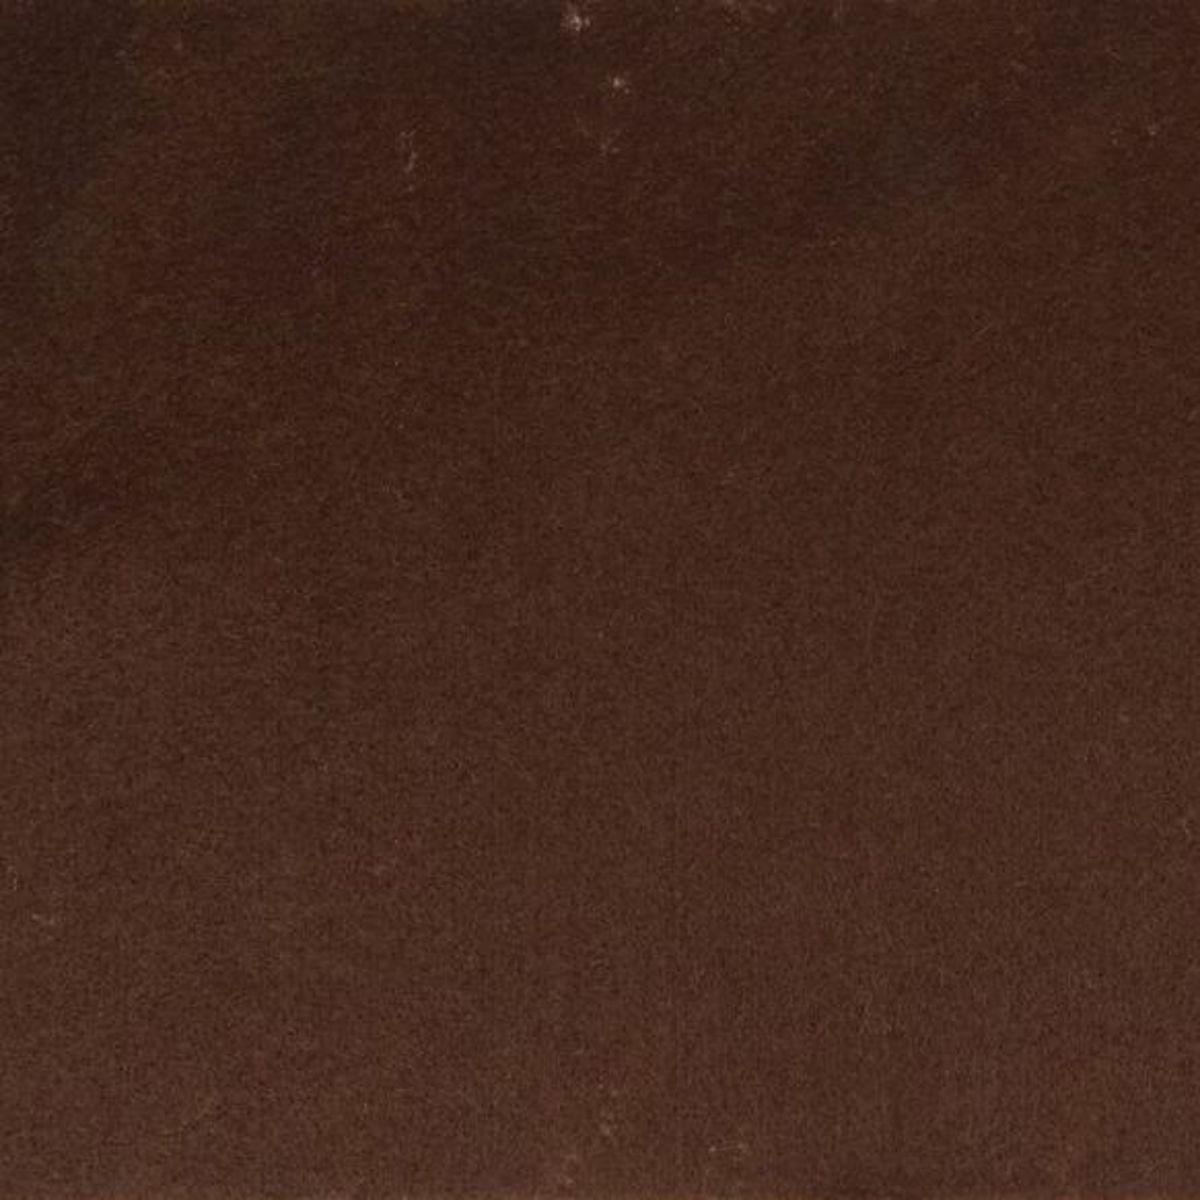 VILT QUEEN'S QUALITY PAK 30X20CM X 2MM. - 10STUKS - Bruin 057. kopen